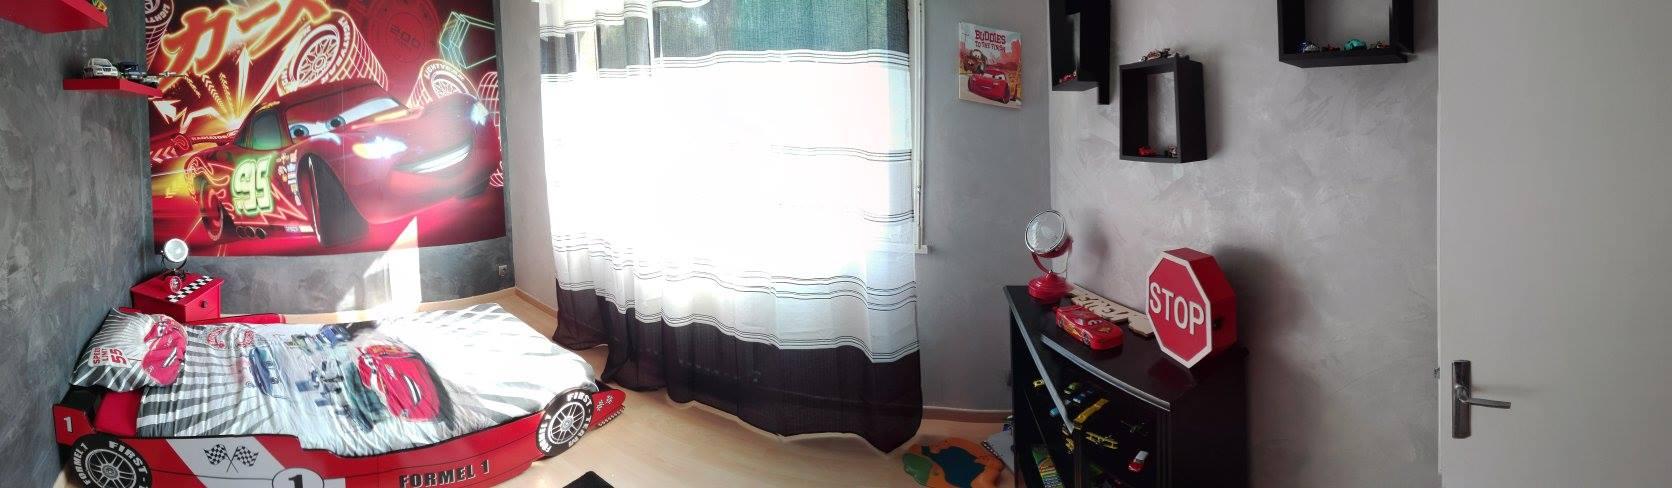 chambre voiture ma d co de f e d coratrice d 39 int rieur. Black Bedroom Furniture Sets. Home Design Ideas